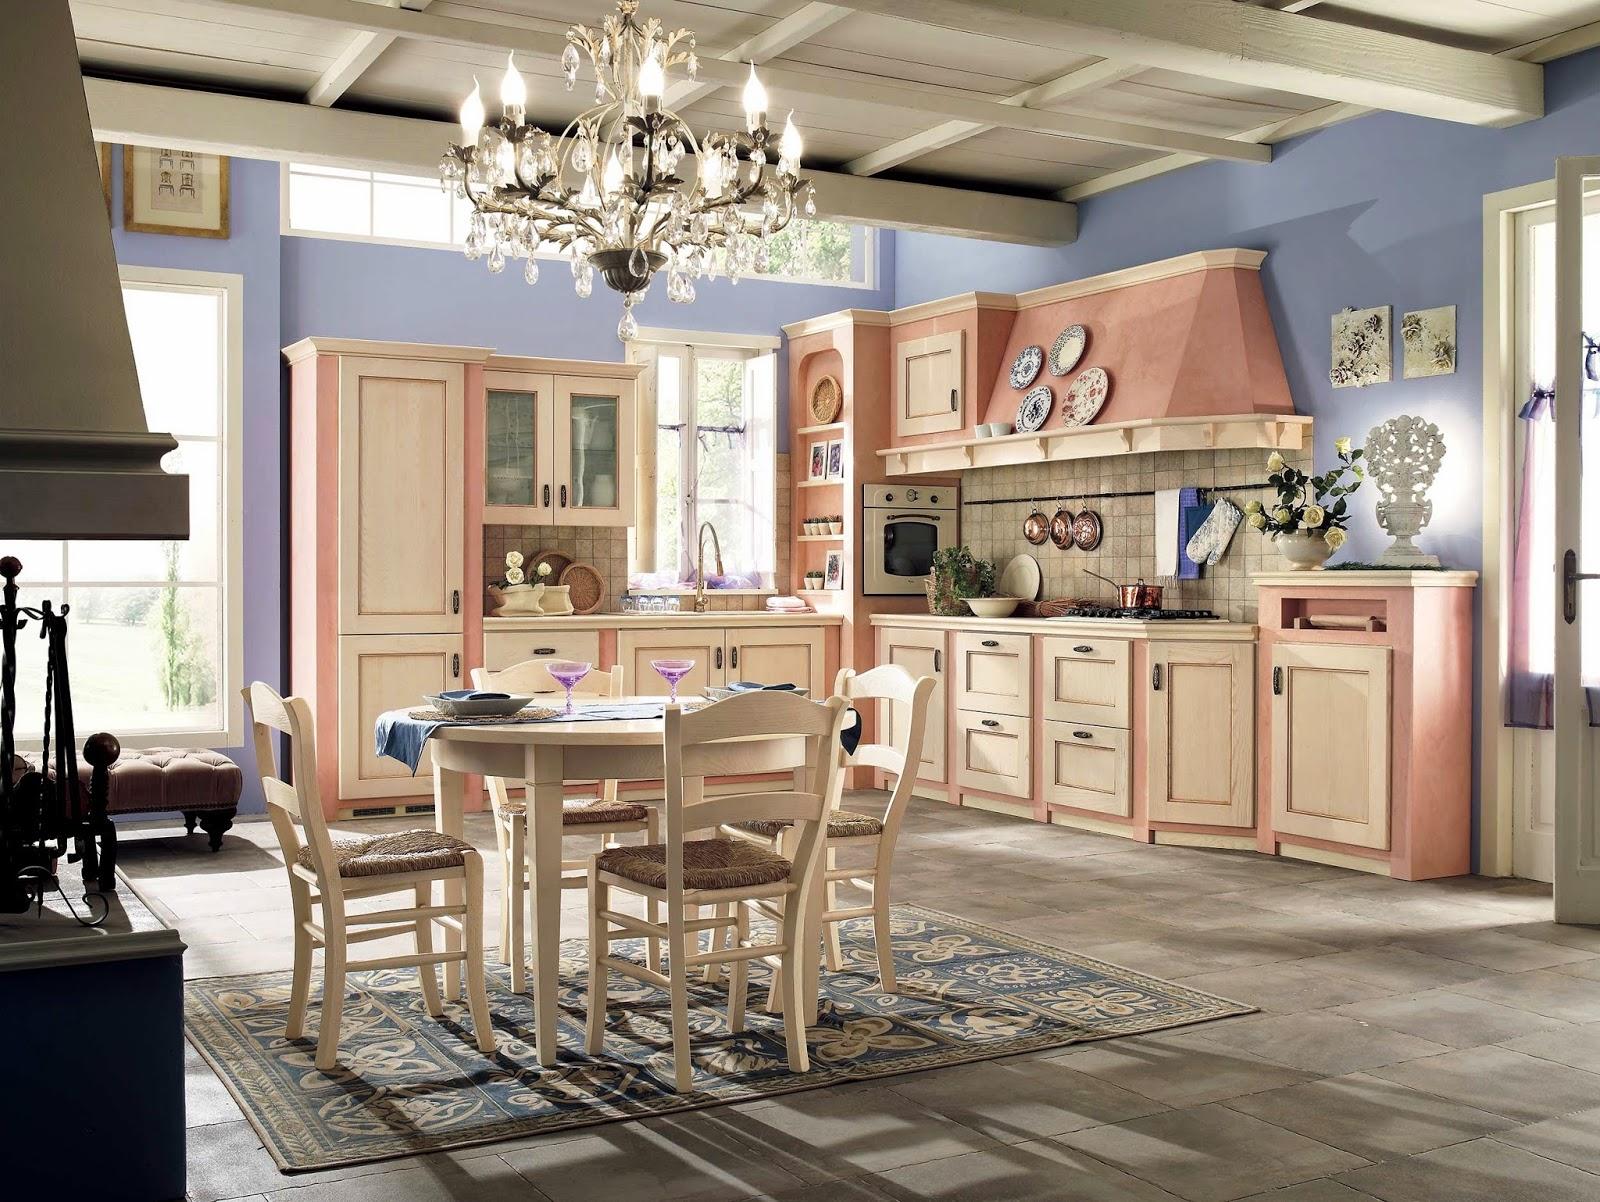 Cucine Classiche: Cucina Certosa Di Stosa #856C46 1600 1202 Immagini Di Cucine Toscane